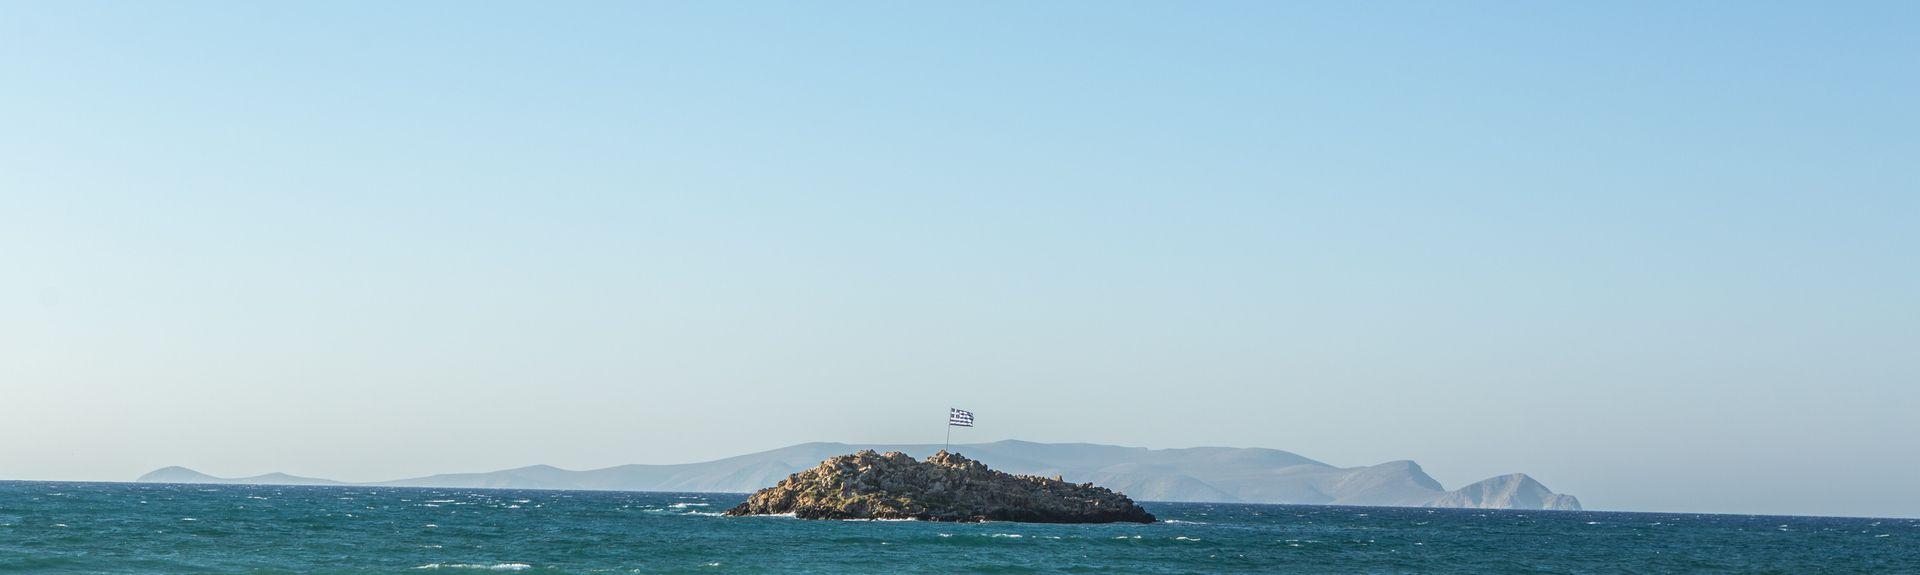 Heraklion (Region), Kreta, Griechenland